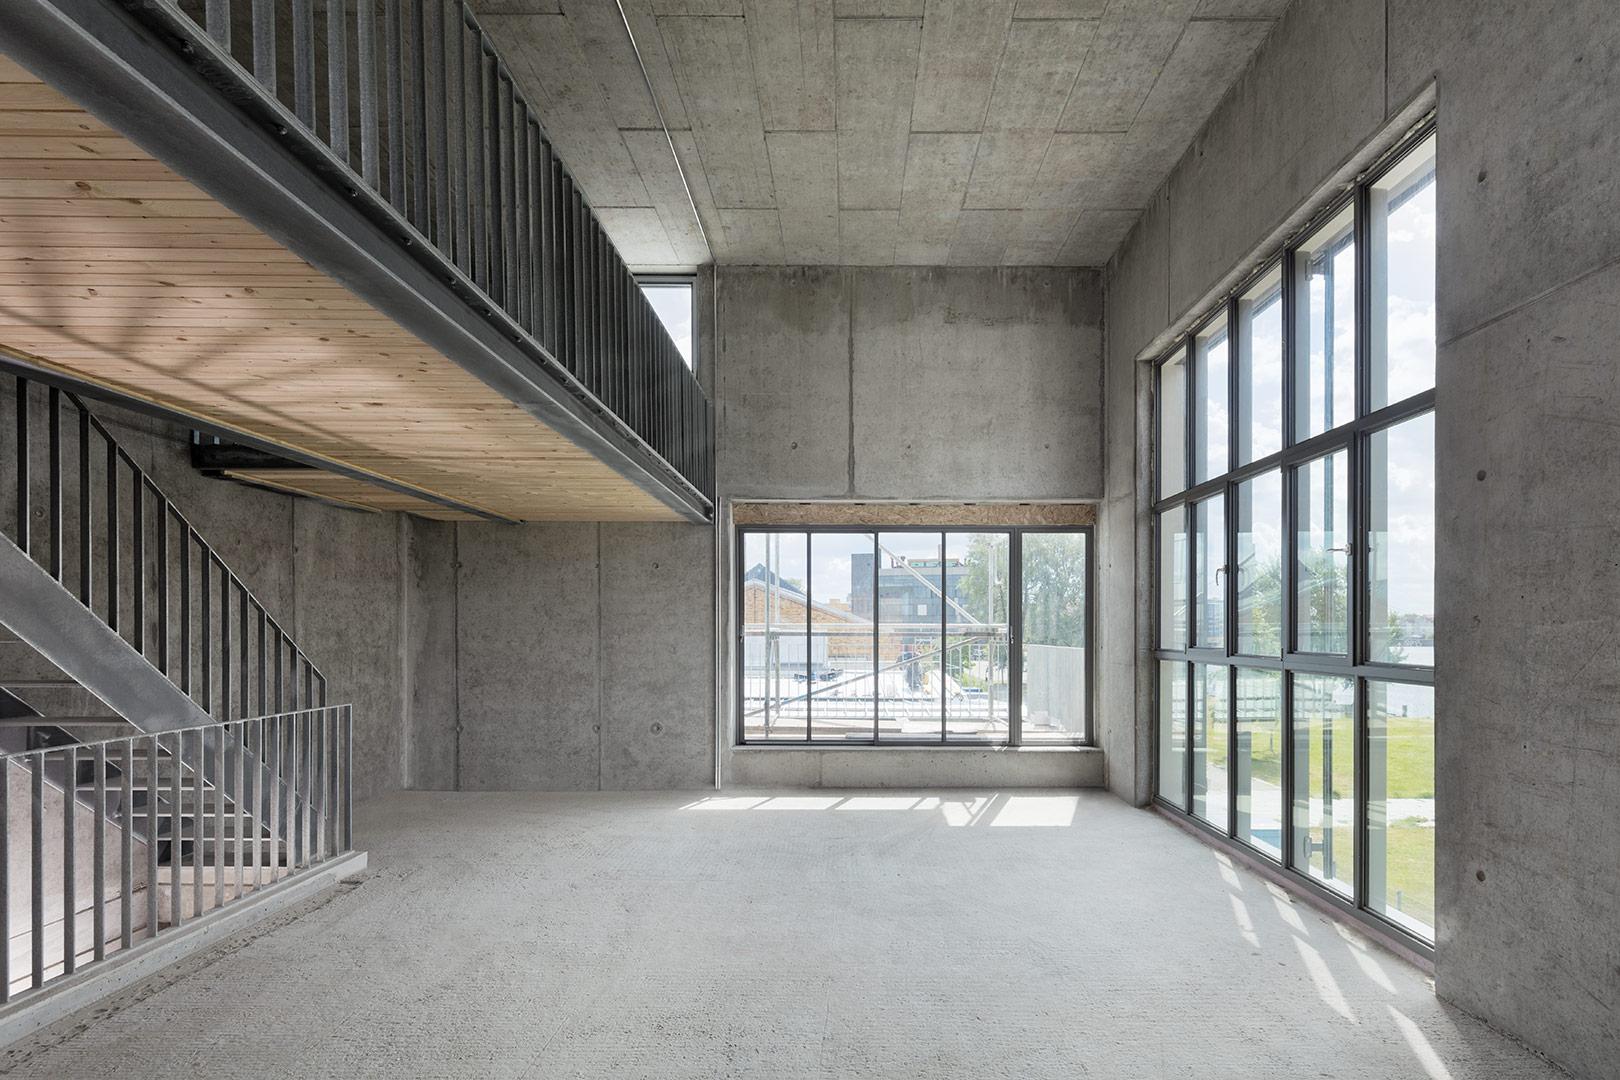 Spreehallen Rheinbeckstraße, Berlin | Sauerzapfe Architekten